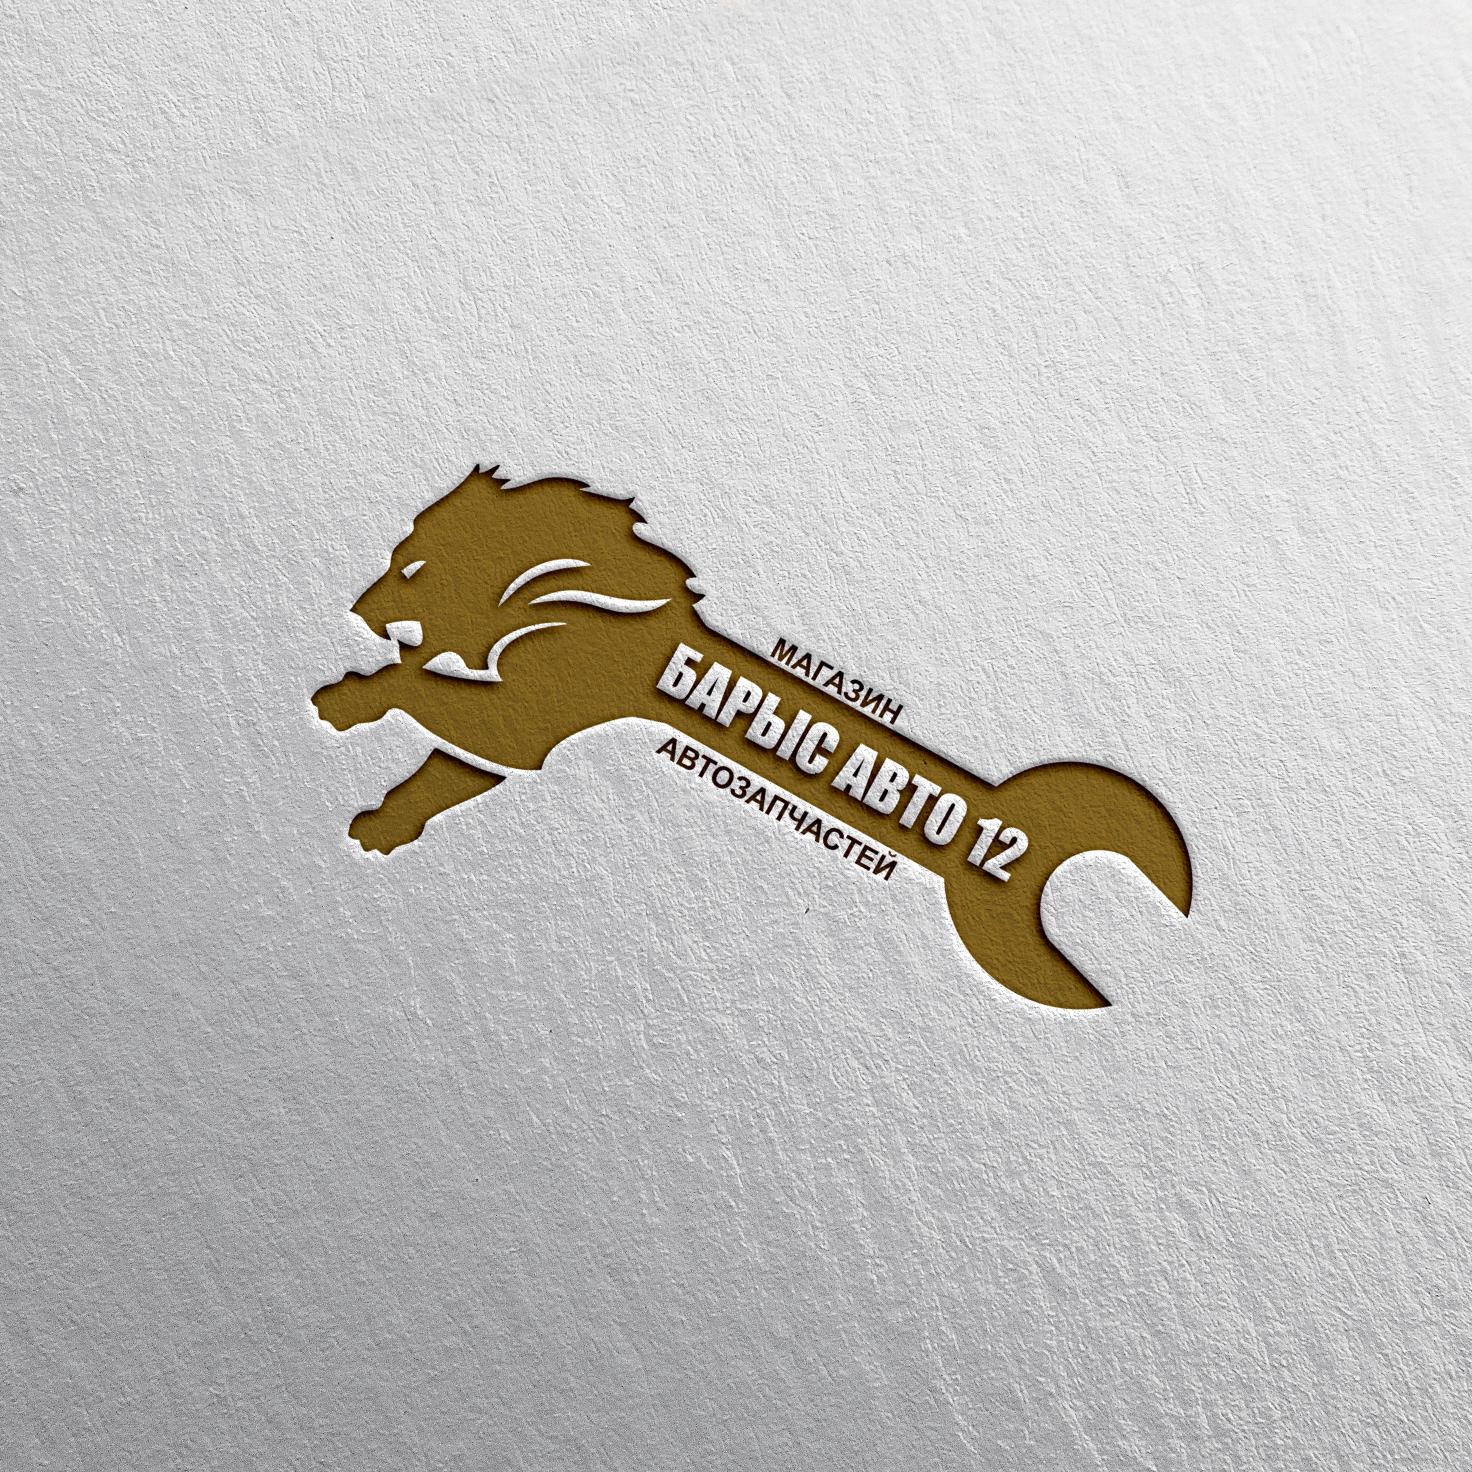 """Логотип для магазина автозапчастей """"Барыс авто 12"""""""